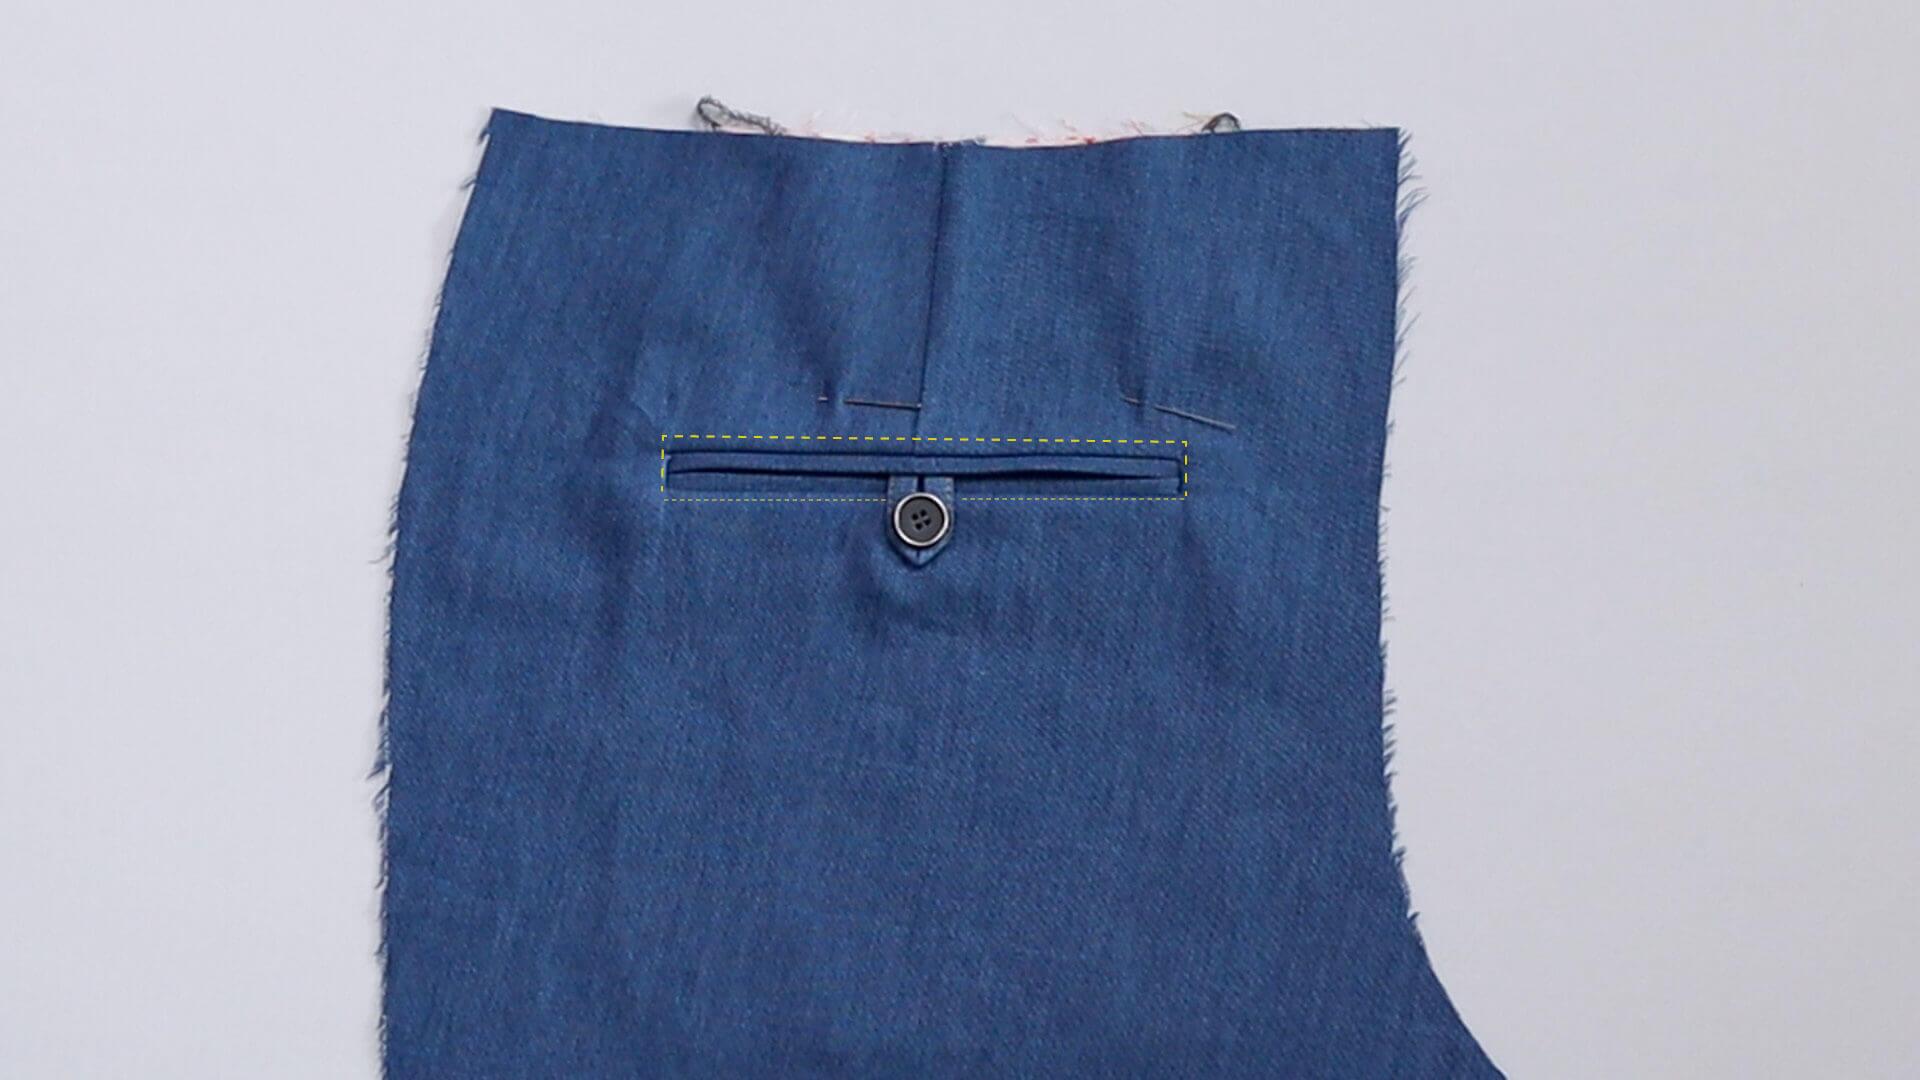 Nähanleitung Doppelpaspeltasche- Feststecken der Tasche vor der oberen, sichtbaren Steppung